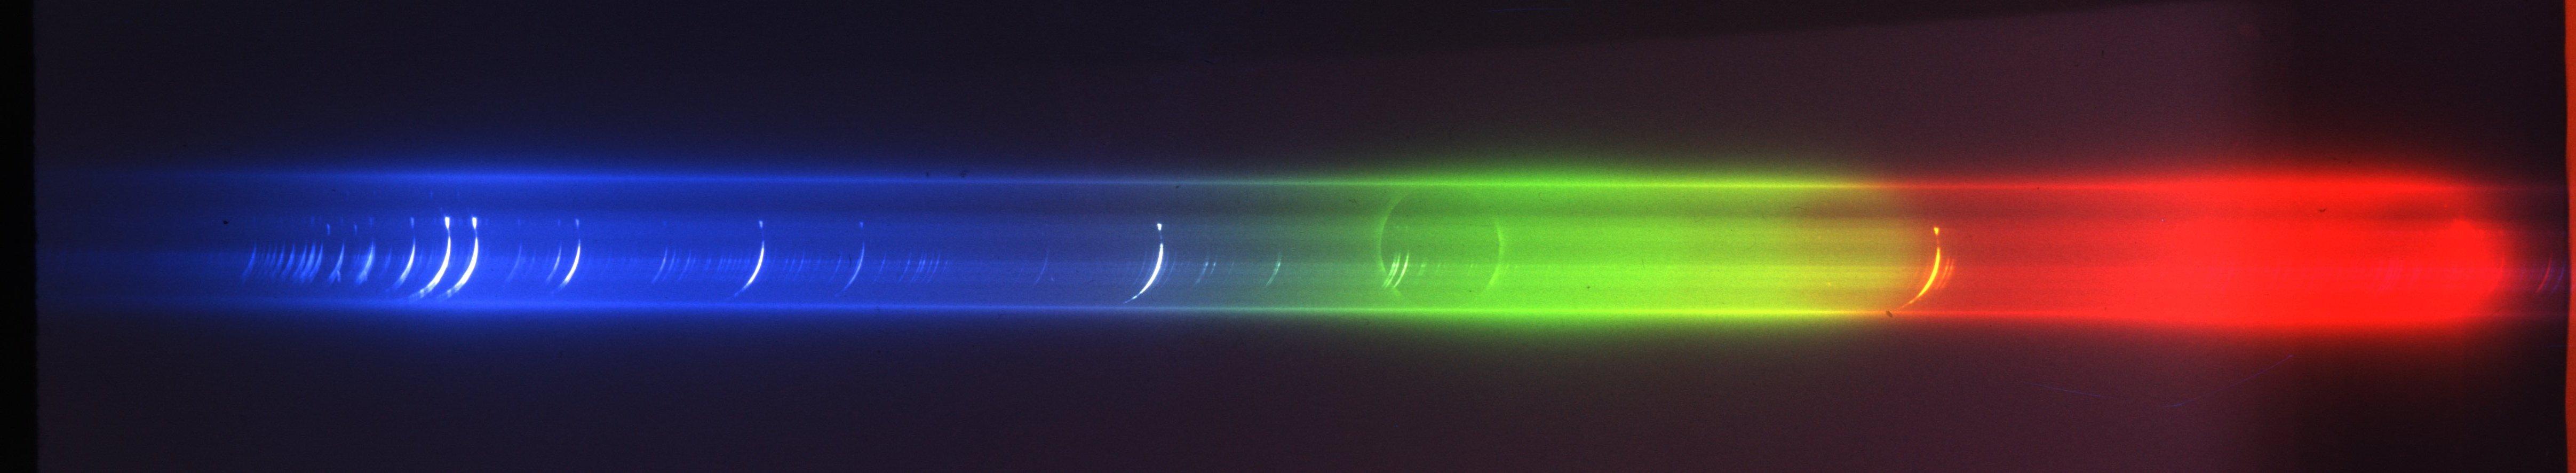 flash spectrum – william c. atkinson